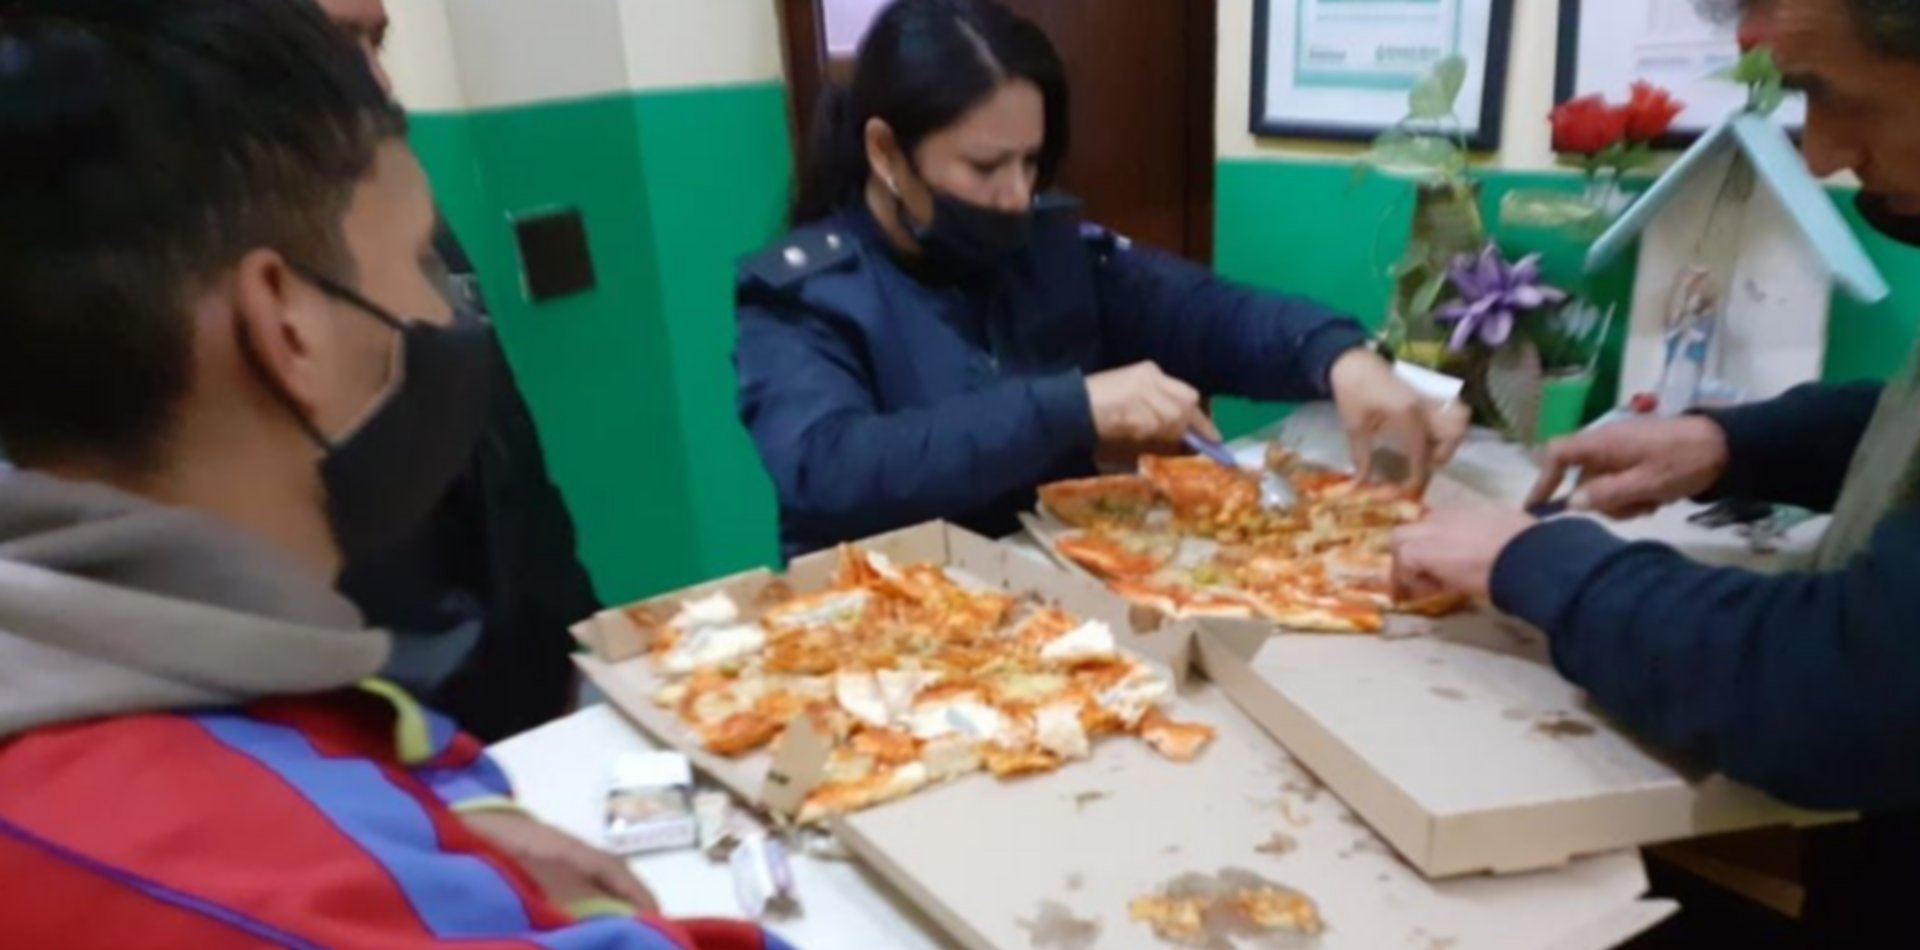 Le llevó dos pizzas con marihuana a un detenido de Ensenada y lo descubrieron